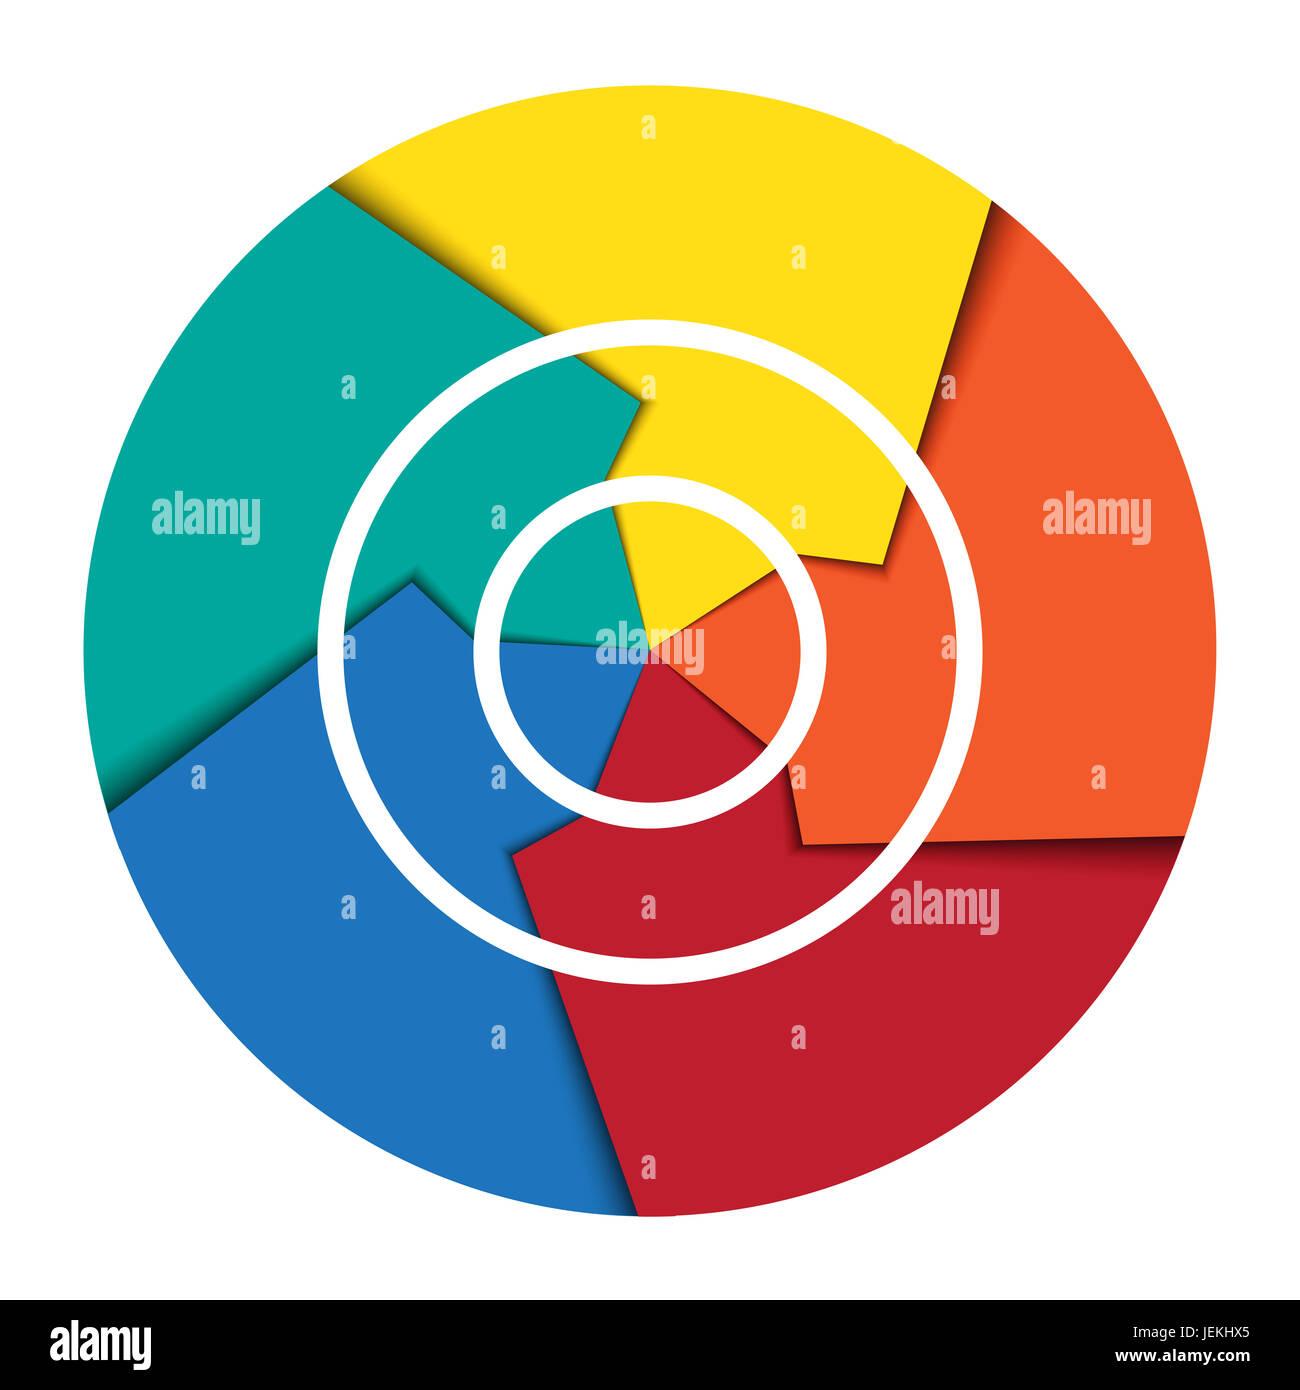 Diagramme Stockfotos & Diagramme Bilder - Alamy